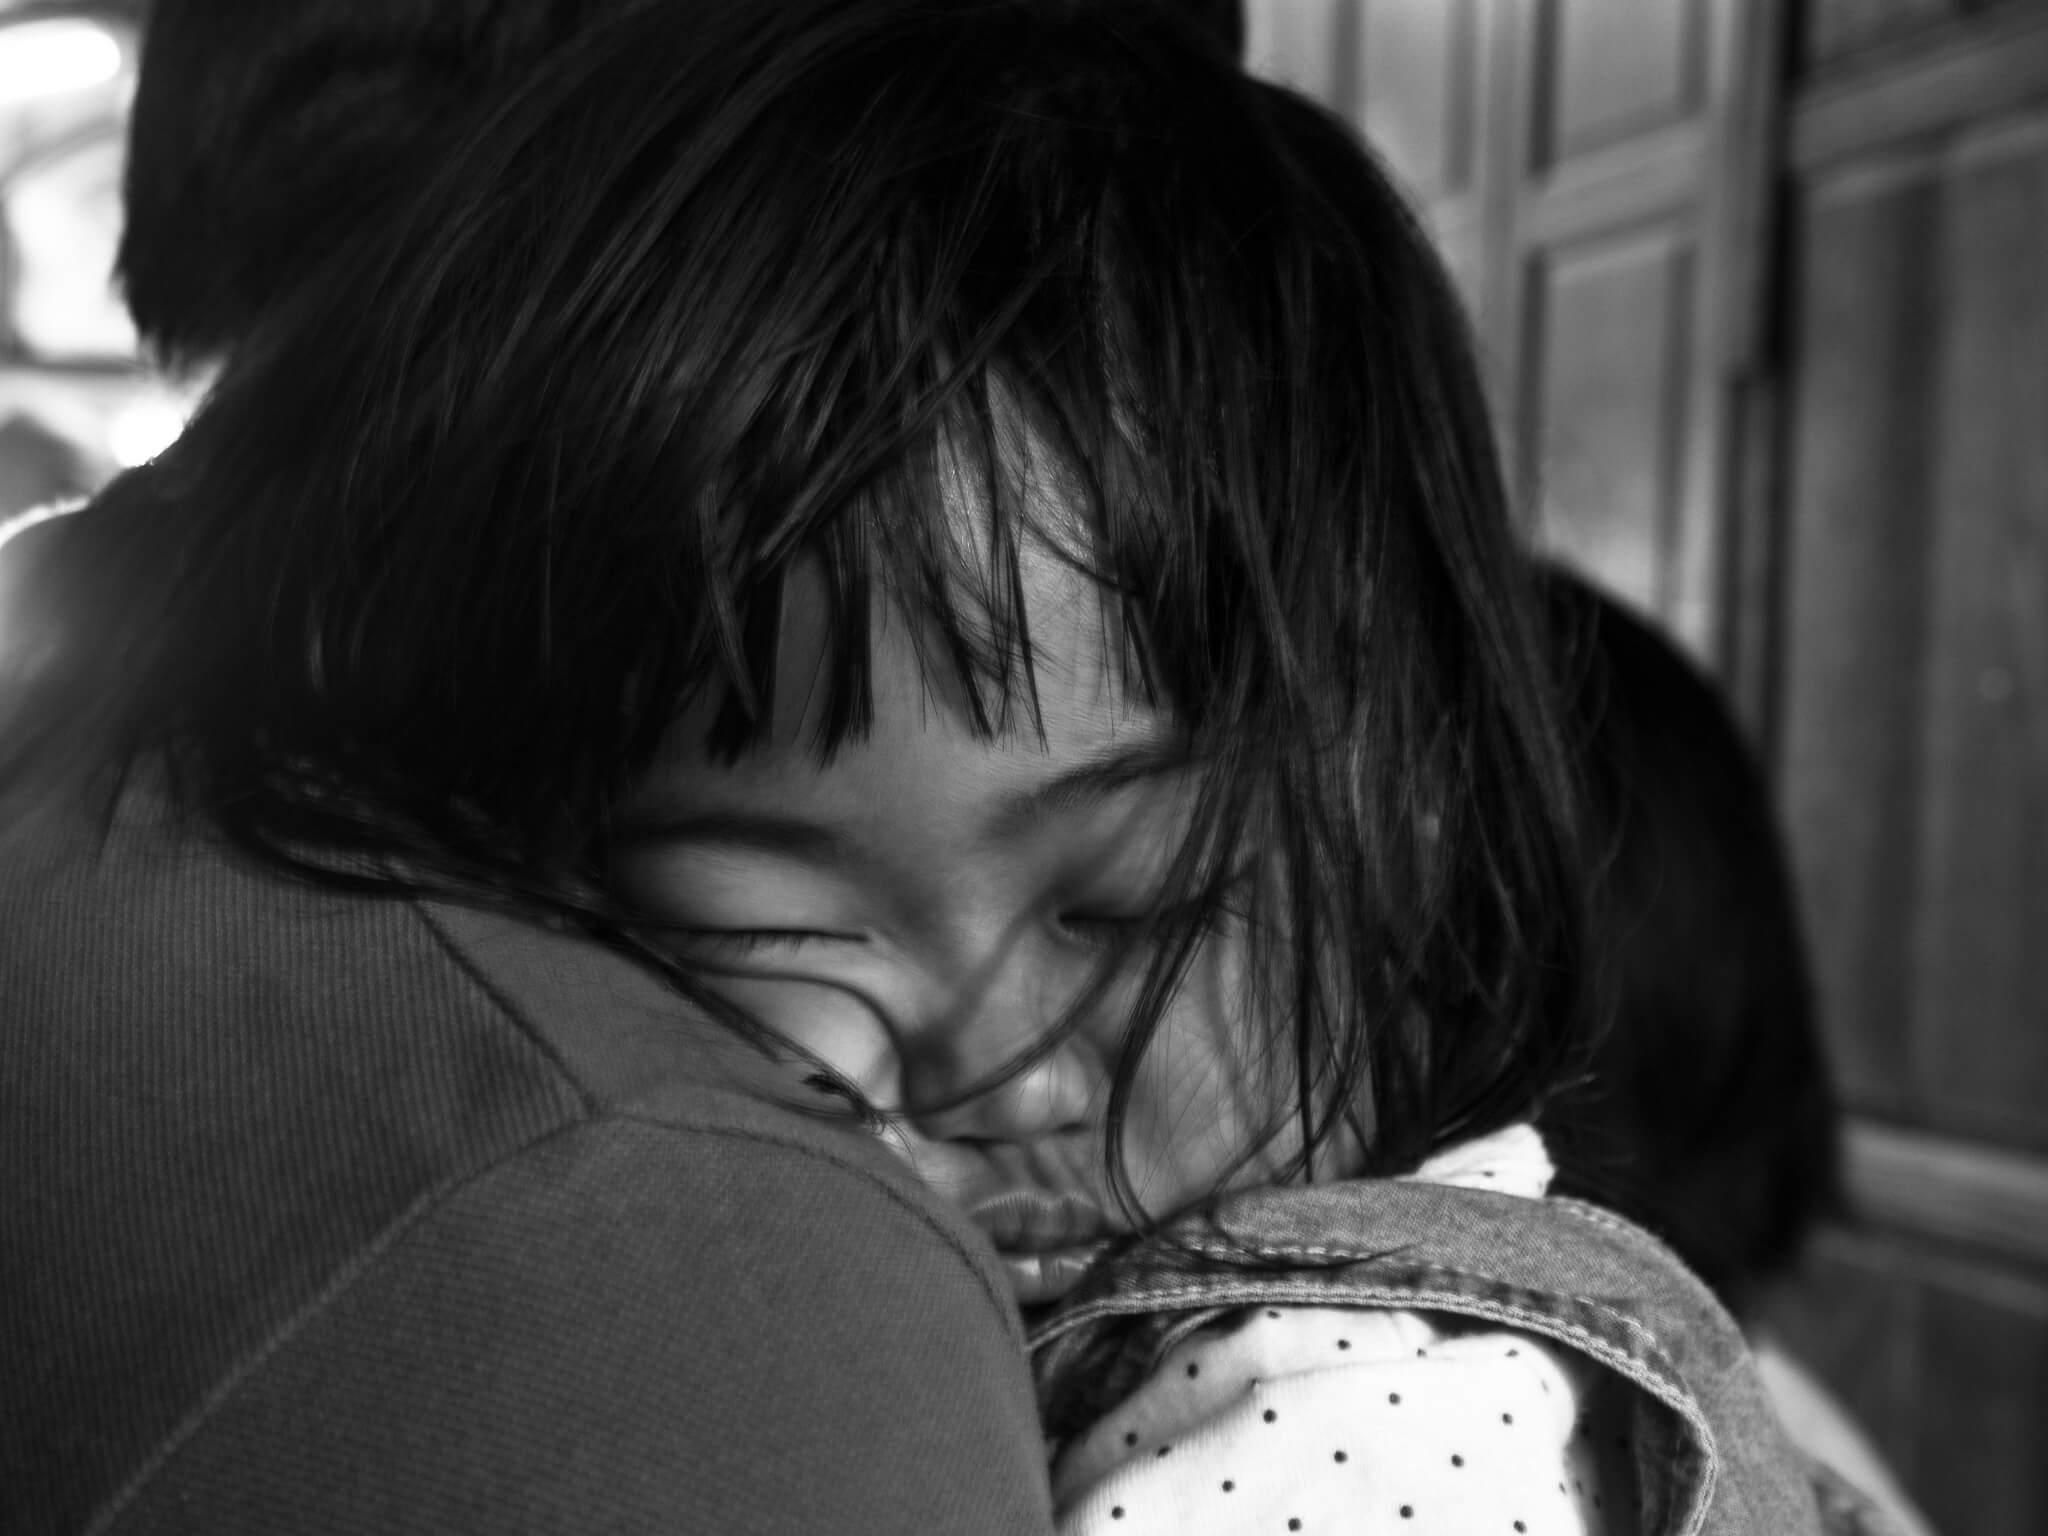 Când va dormi copilul meu toată noaptea?